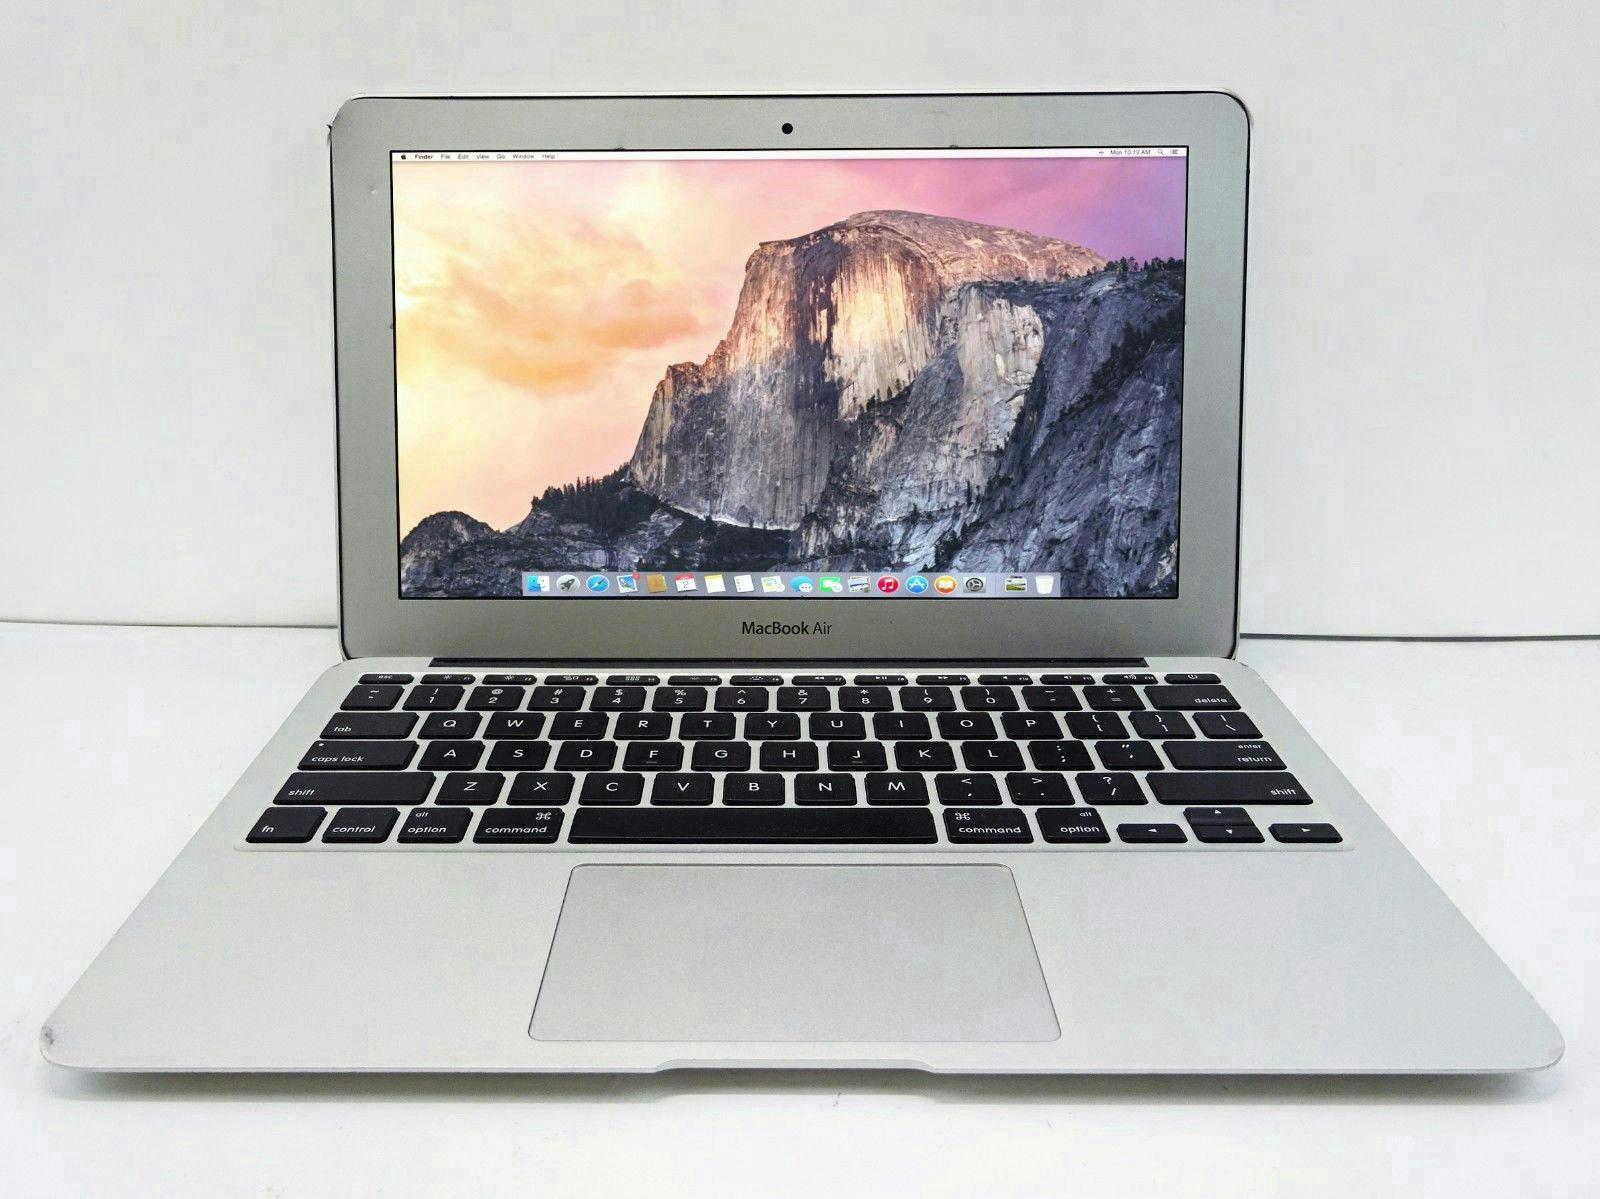 Ноутбук apple macbook air 11 a1370, intel core i5 2x1,6ghz, 2gb ddr3, 116 1366x768, 64gb ssd, wifi 80211n